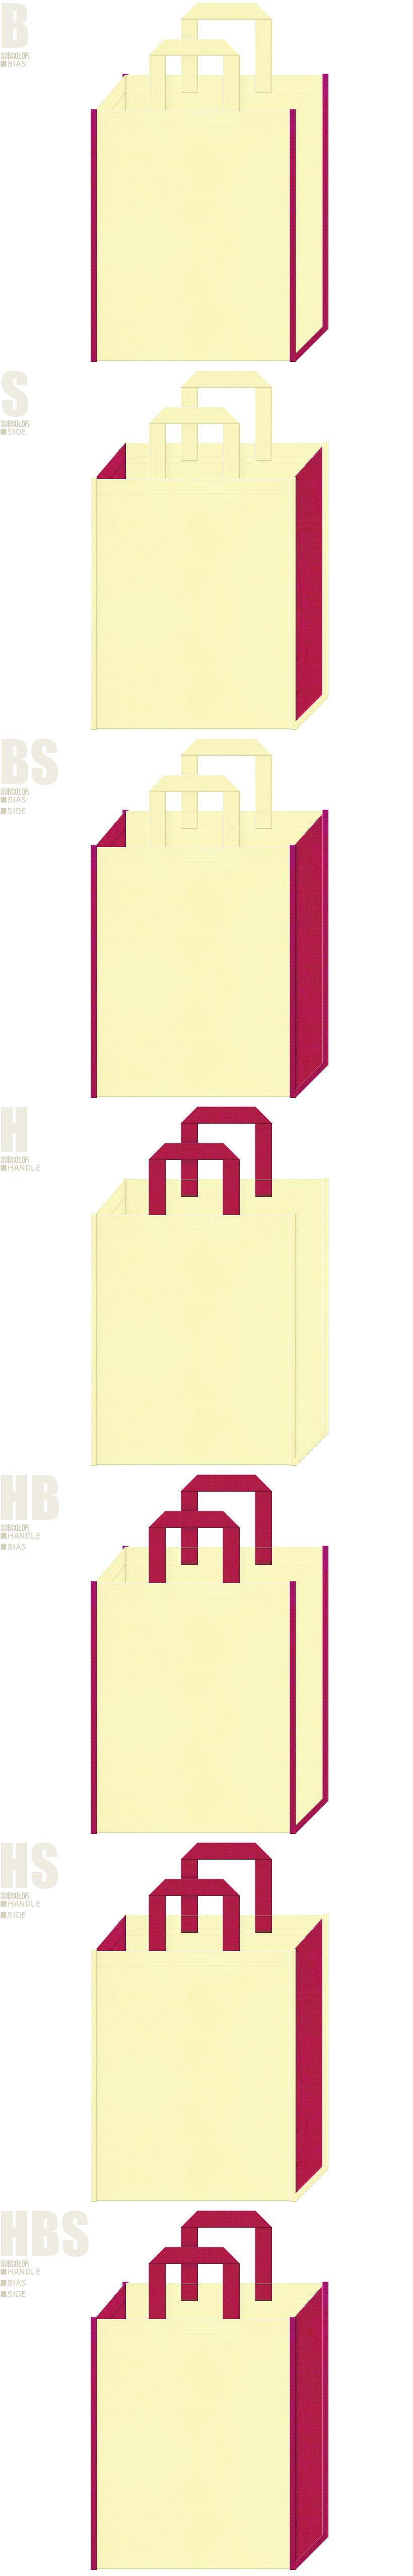 絵本・むかし話・月・かぐやひめ・ひな祭り・和風催事・ゲーム・キッズイベントにお奨めの不織布バッグデザイン:薄黄色と濃いピンク色の配色7パターン。